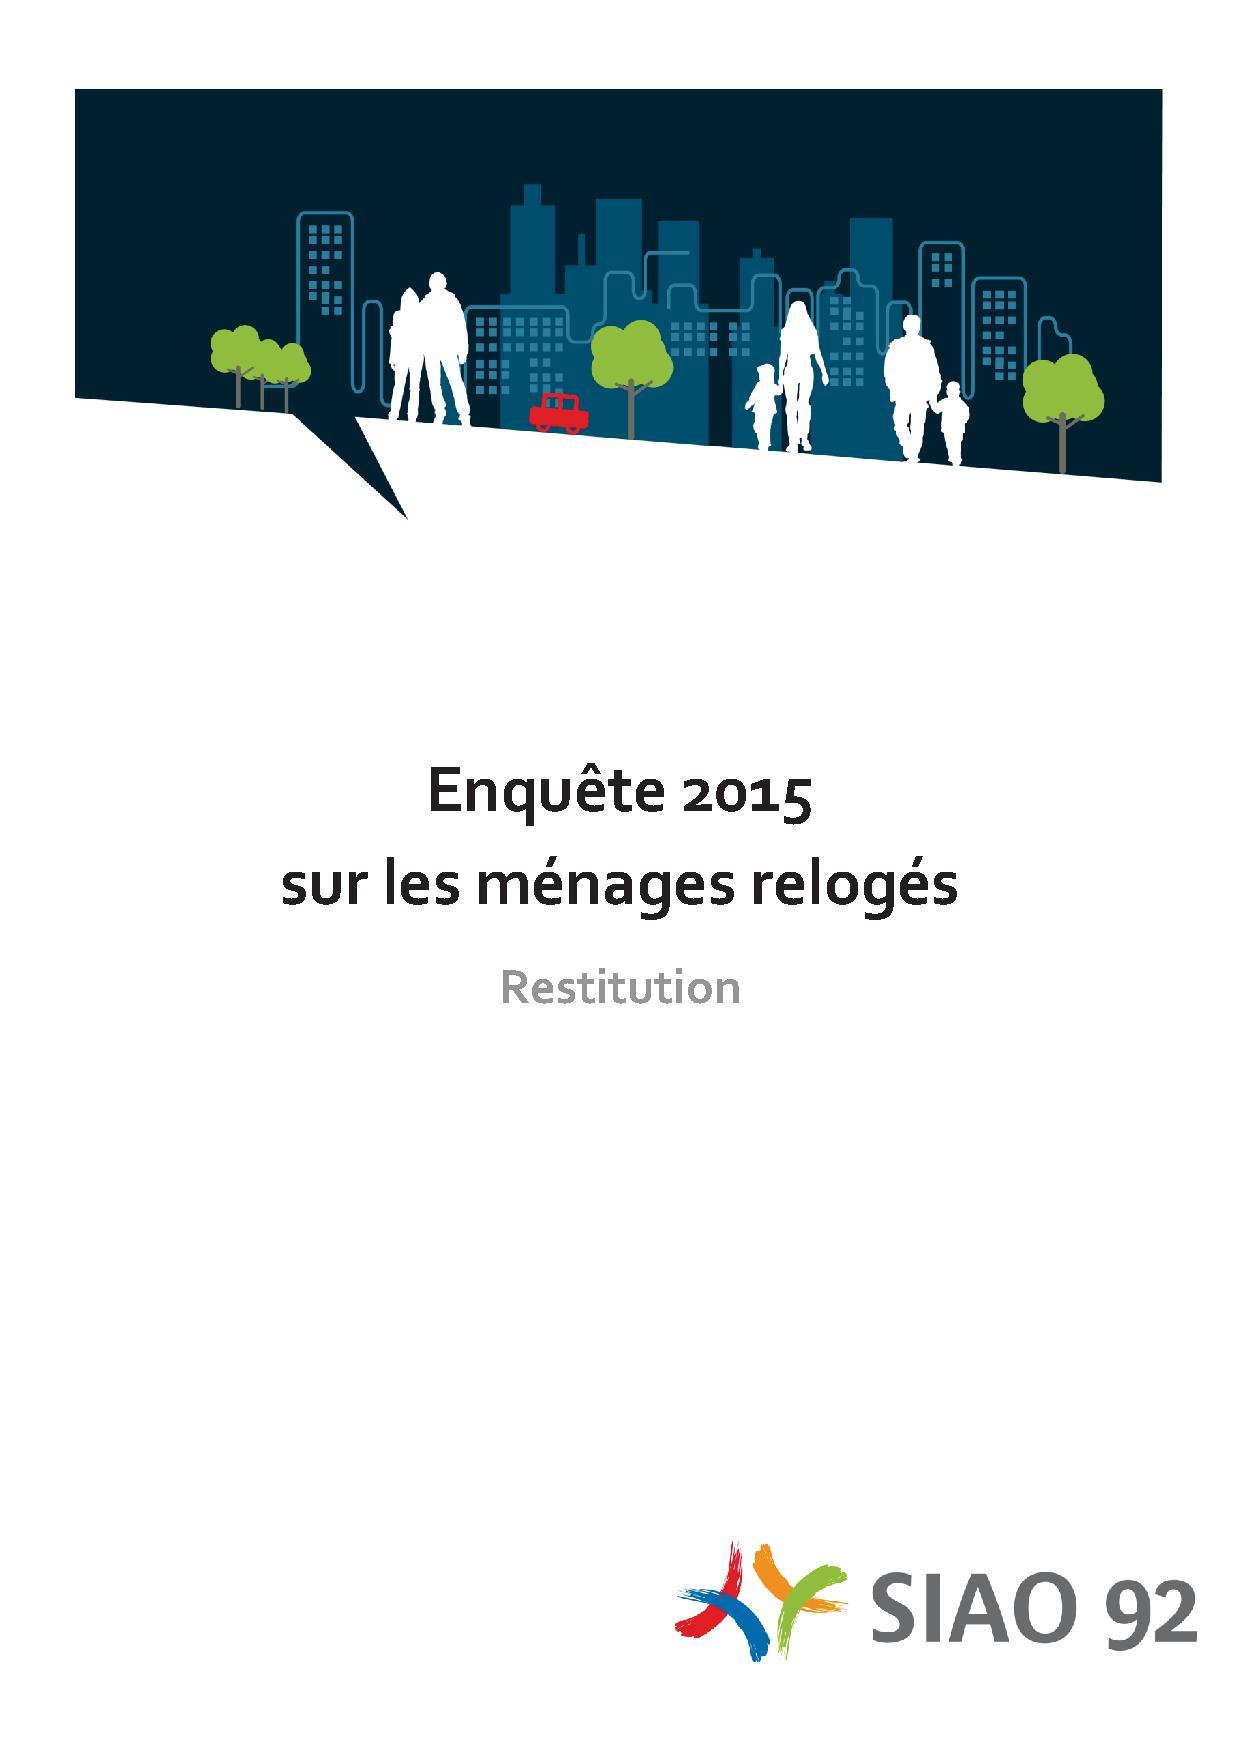 IMAGE enquête relogement 2015